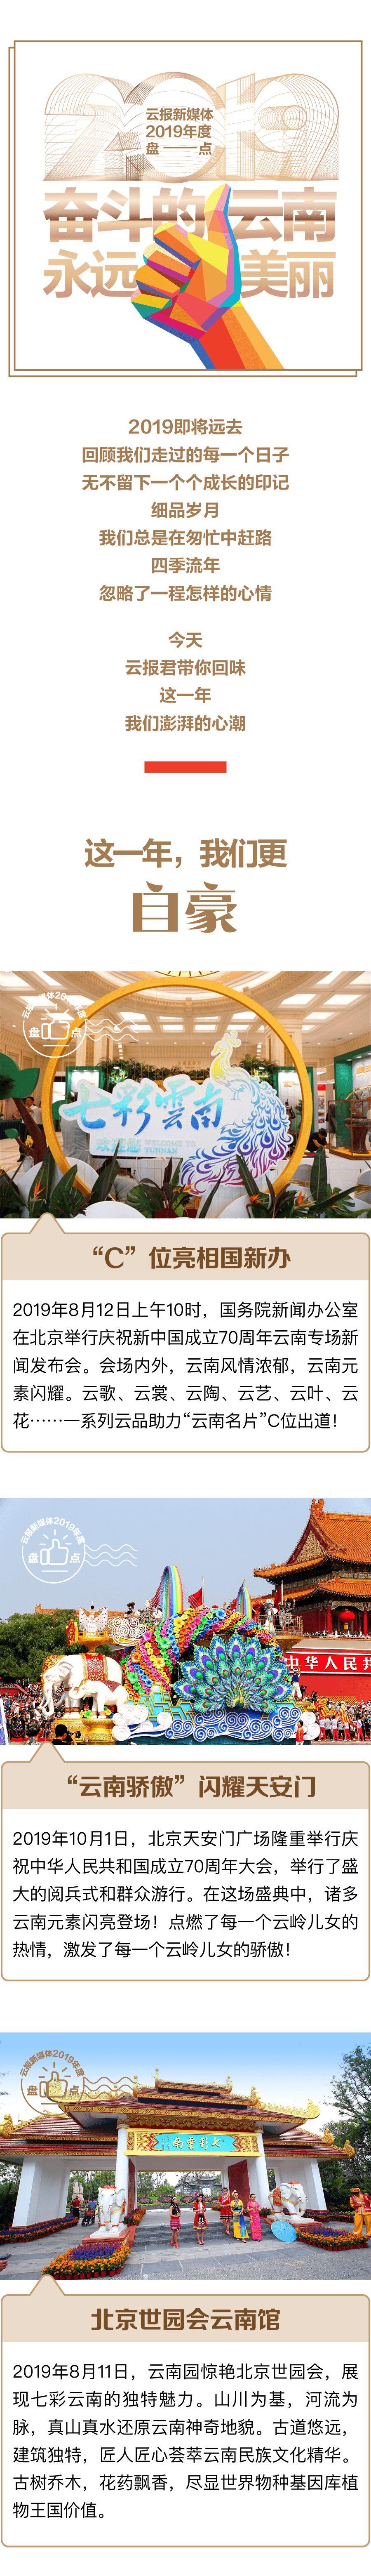 云报新媒体2019年度盘点丨奋斗的云南永远美丽